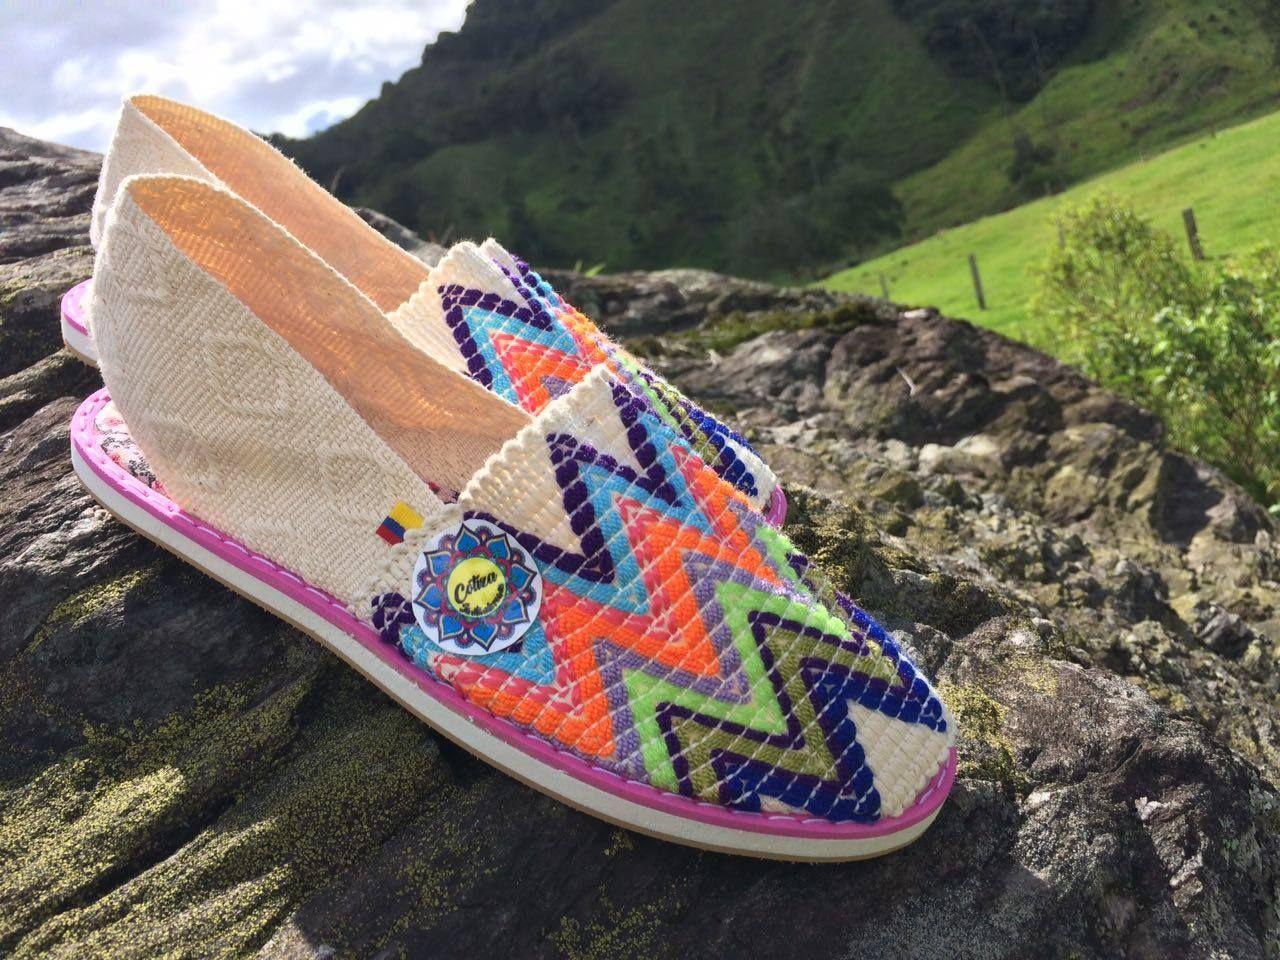 Cotizas con diseños originales, un producto elaborado con los mejores materiales, orgullosamente 100 % Colombiano. ingresa a la pagina para conocer mas, veras ahí también nuestros números de contacto.